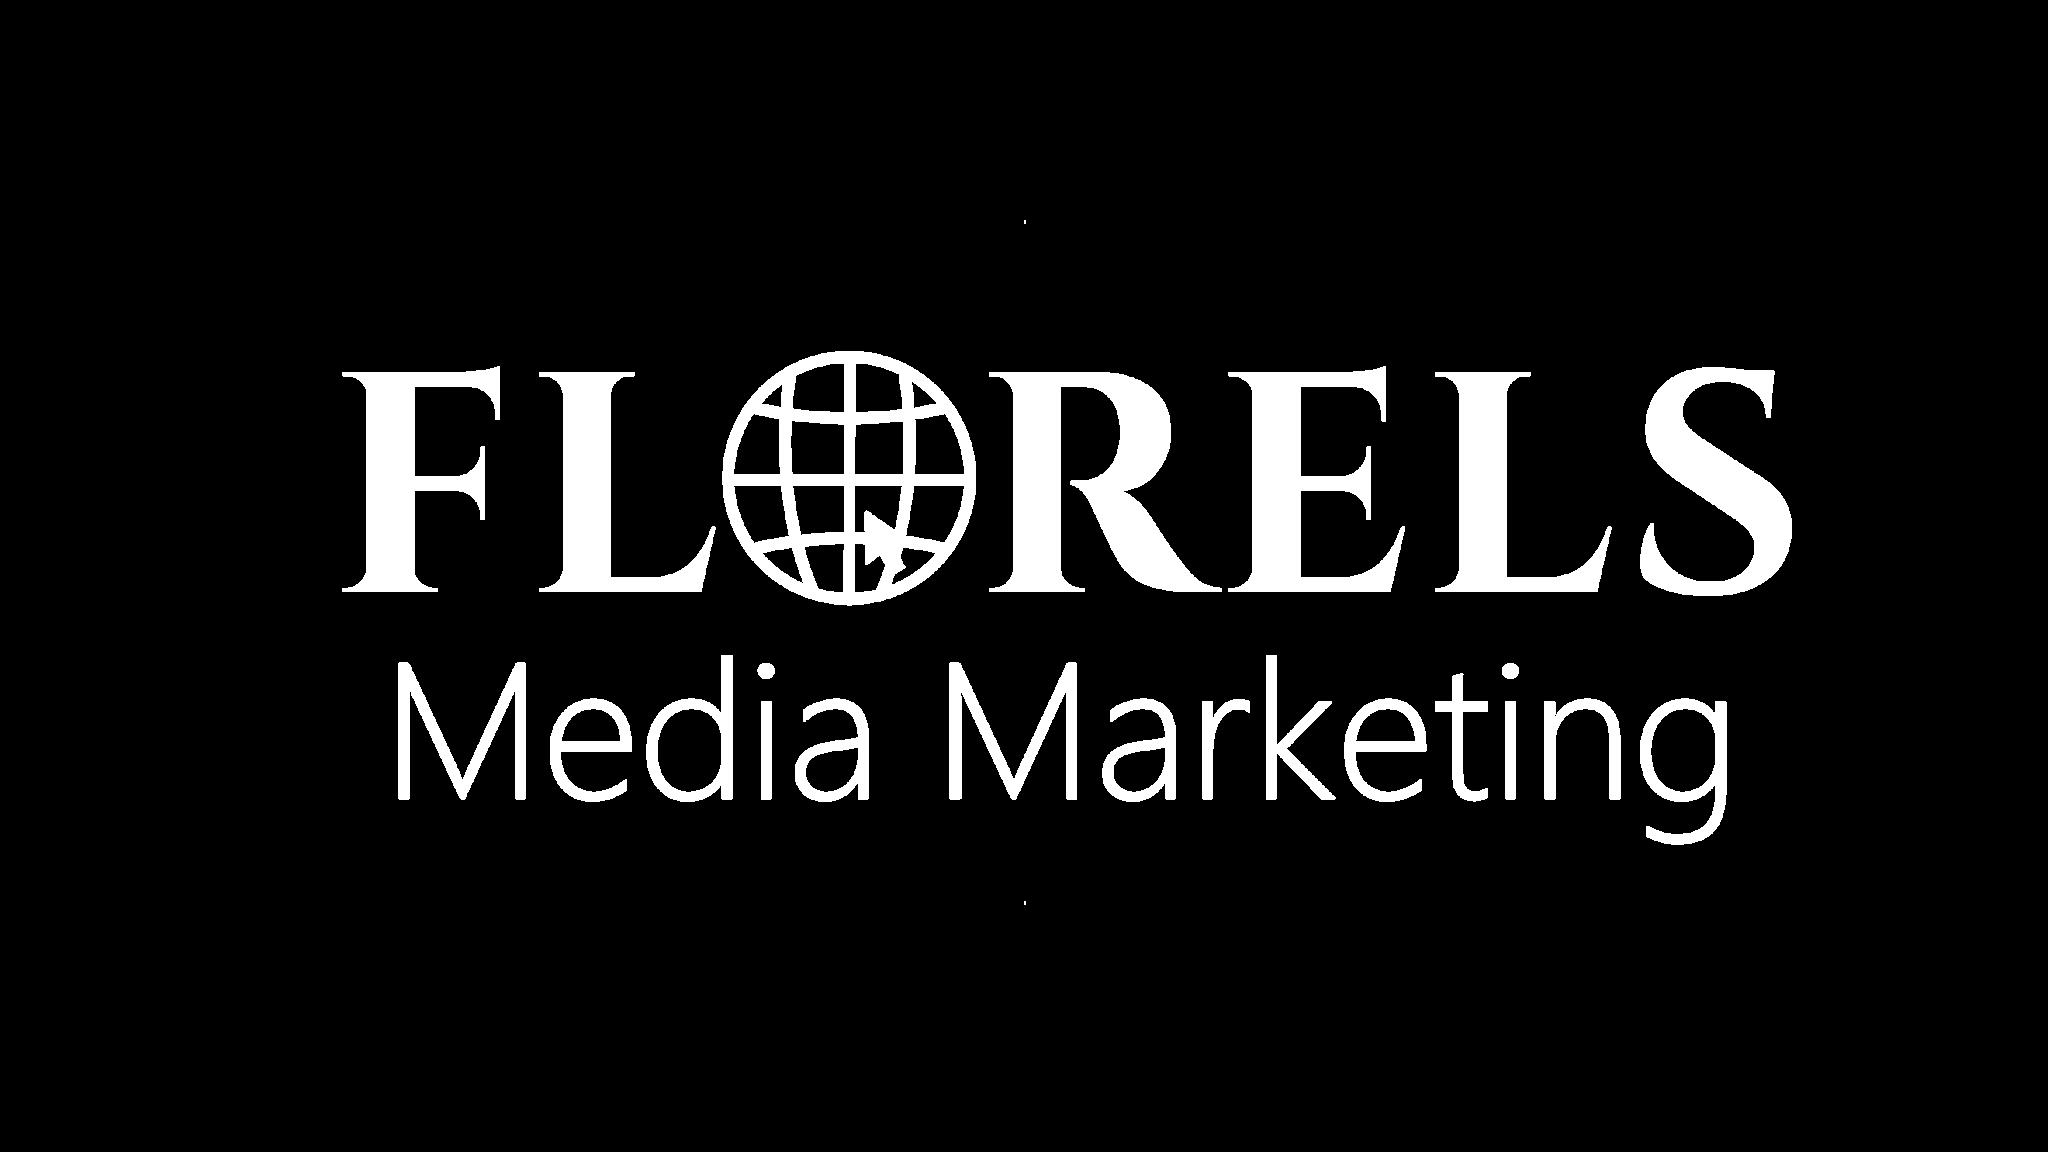 לוגו של פלורלס מדיה בצע לבן